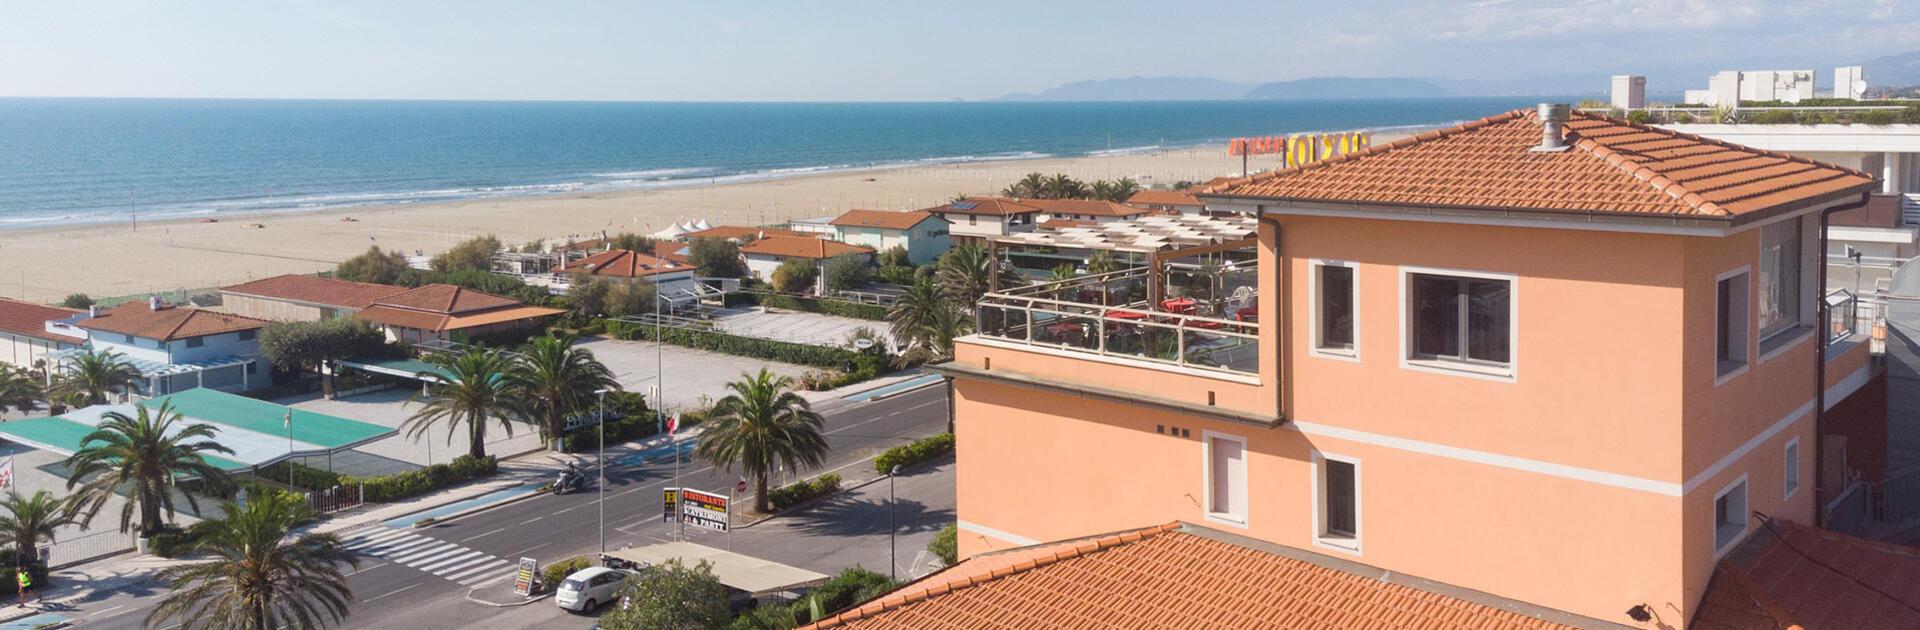 hotelbixio it prenota-il-tuo-soggiorno-in-versilia-con-il-bonus-vacanze 009